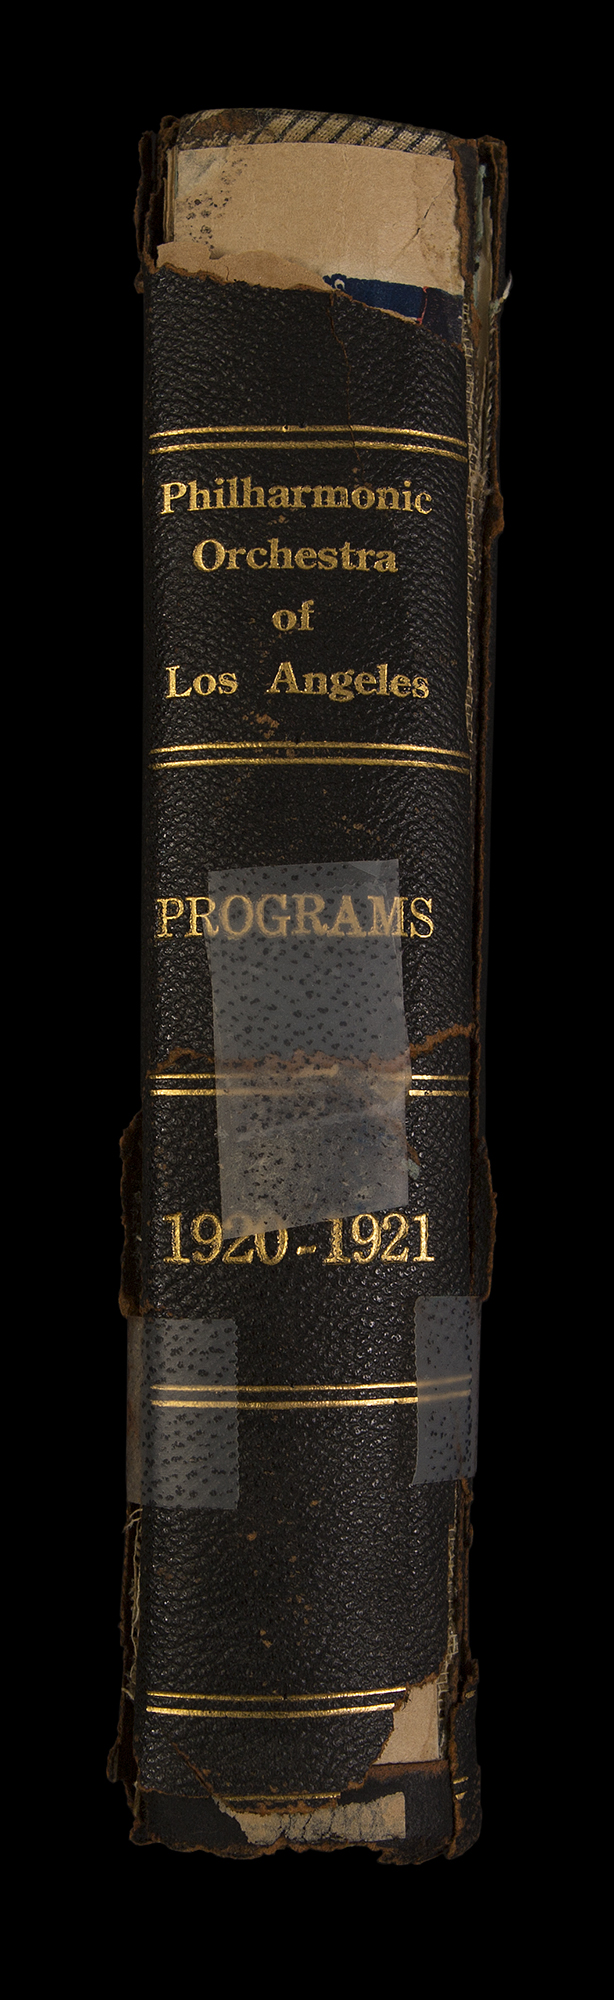 LAPO_ProgramBook_Spine_1920-1921.jpg